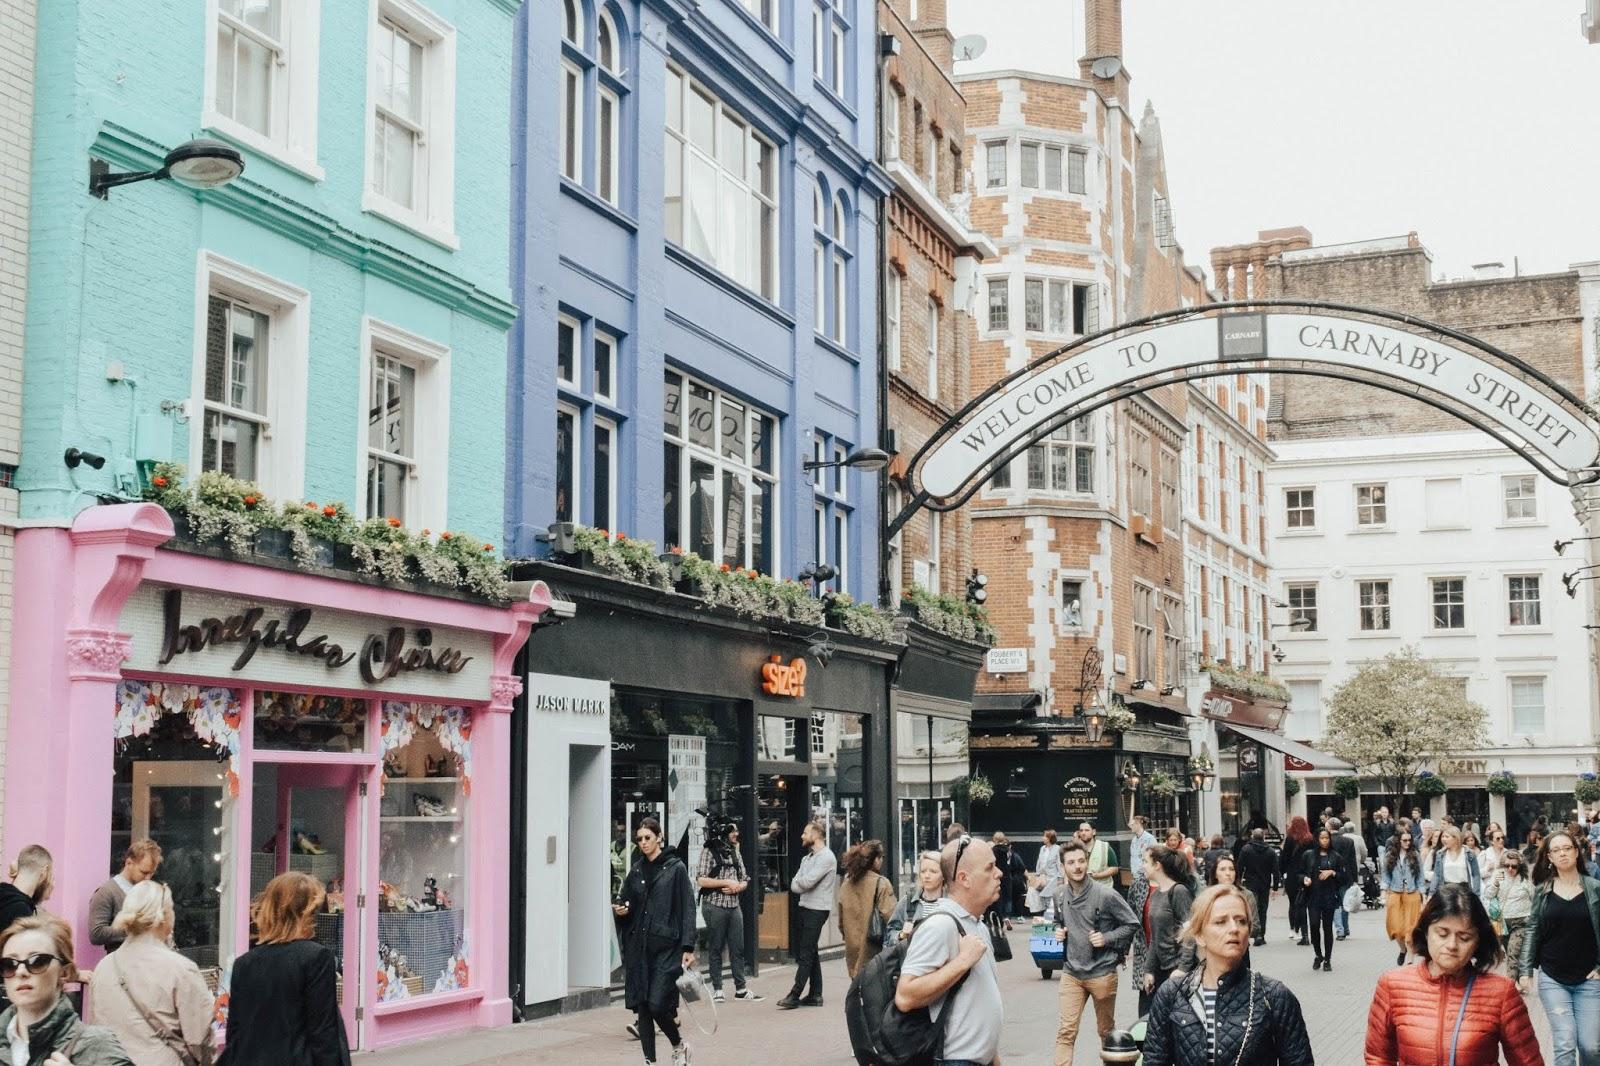 gioiello bar Covent Garden velocità dating siti di incontri gratuiti Wpg